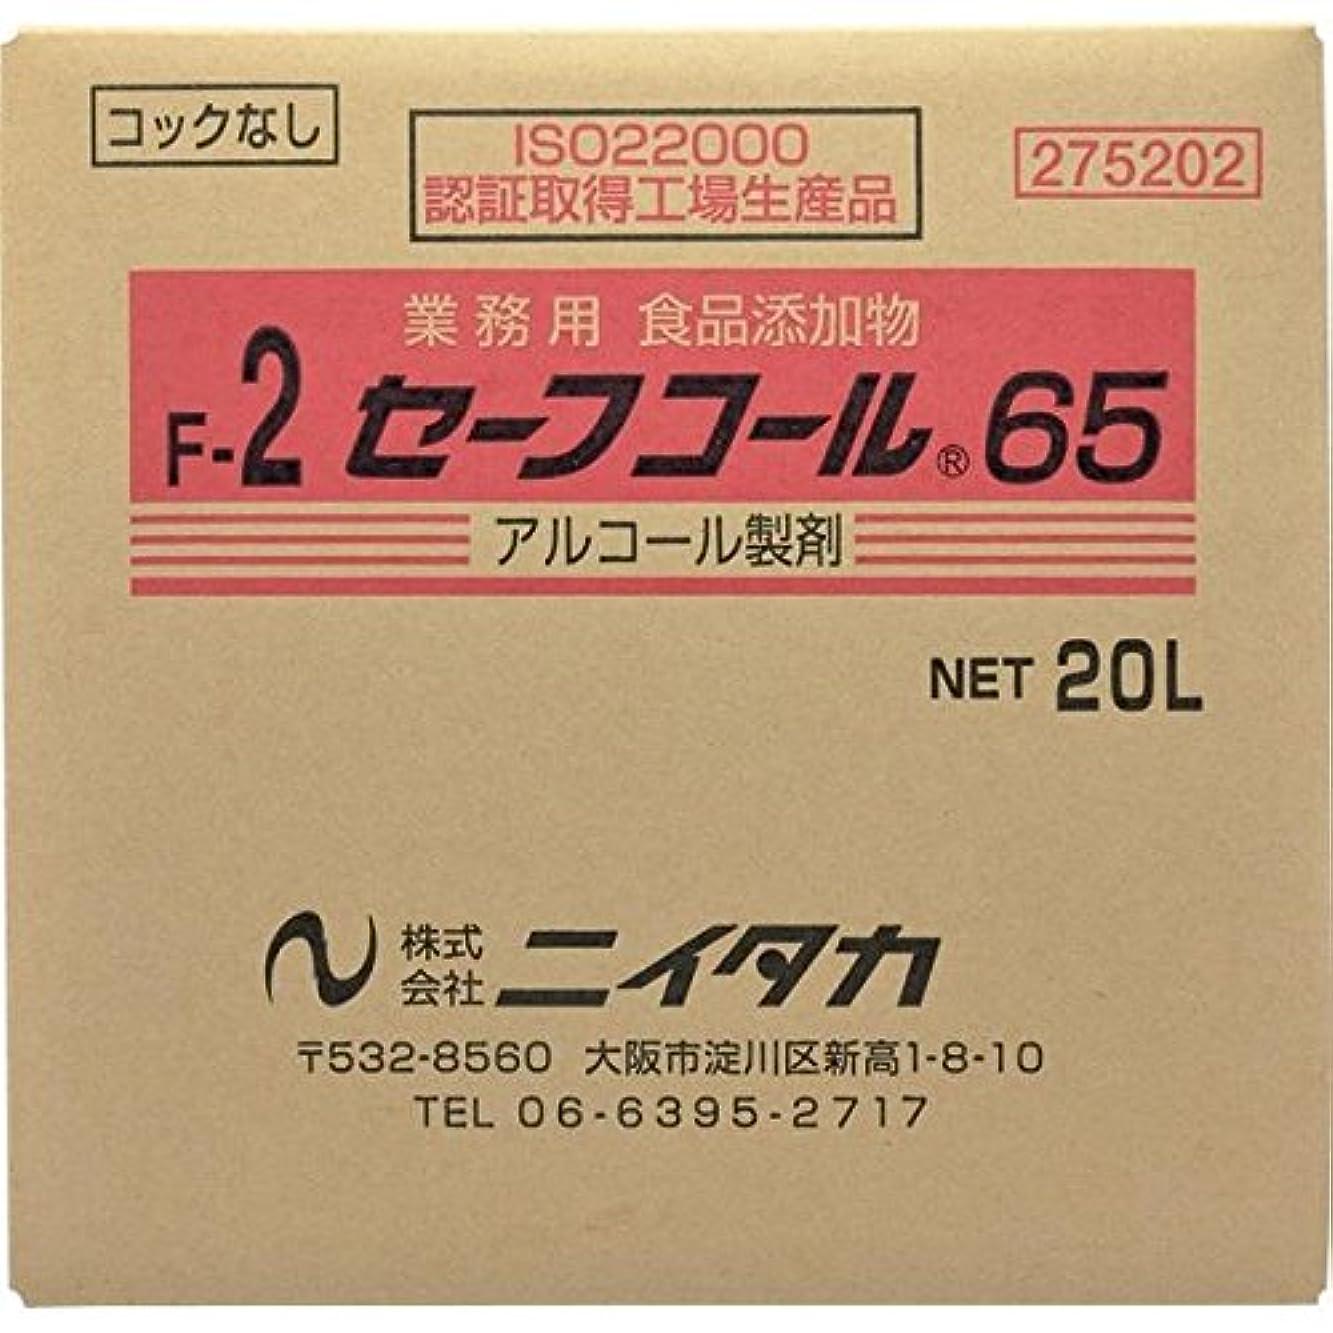 にんじん闘争機関ニイタカ:セーフコール65(F-2) 20L(BIB) 275202